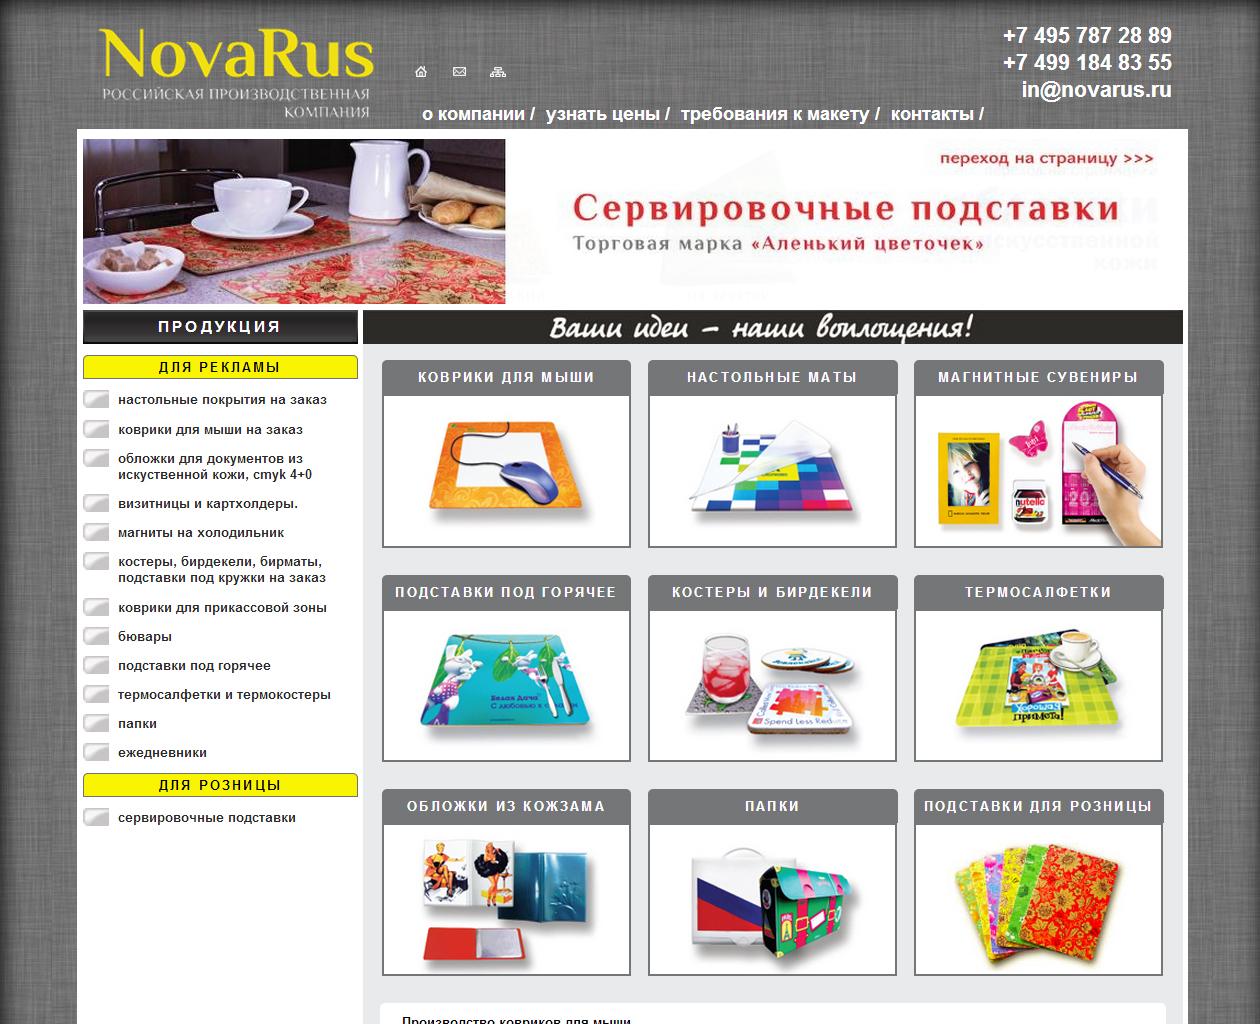 novarus